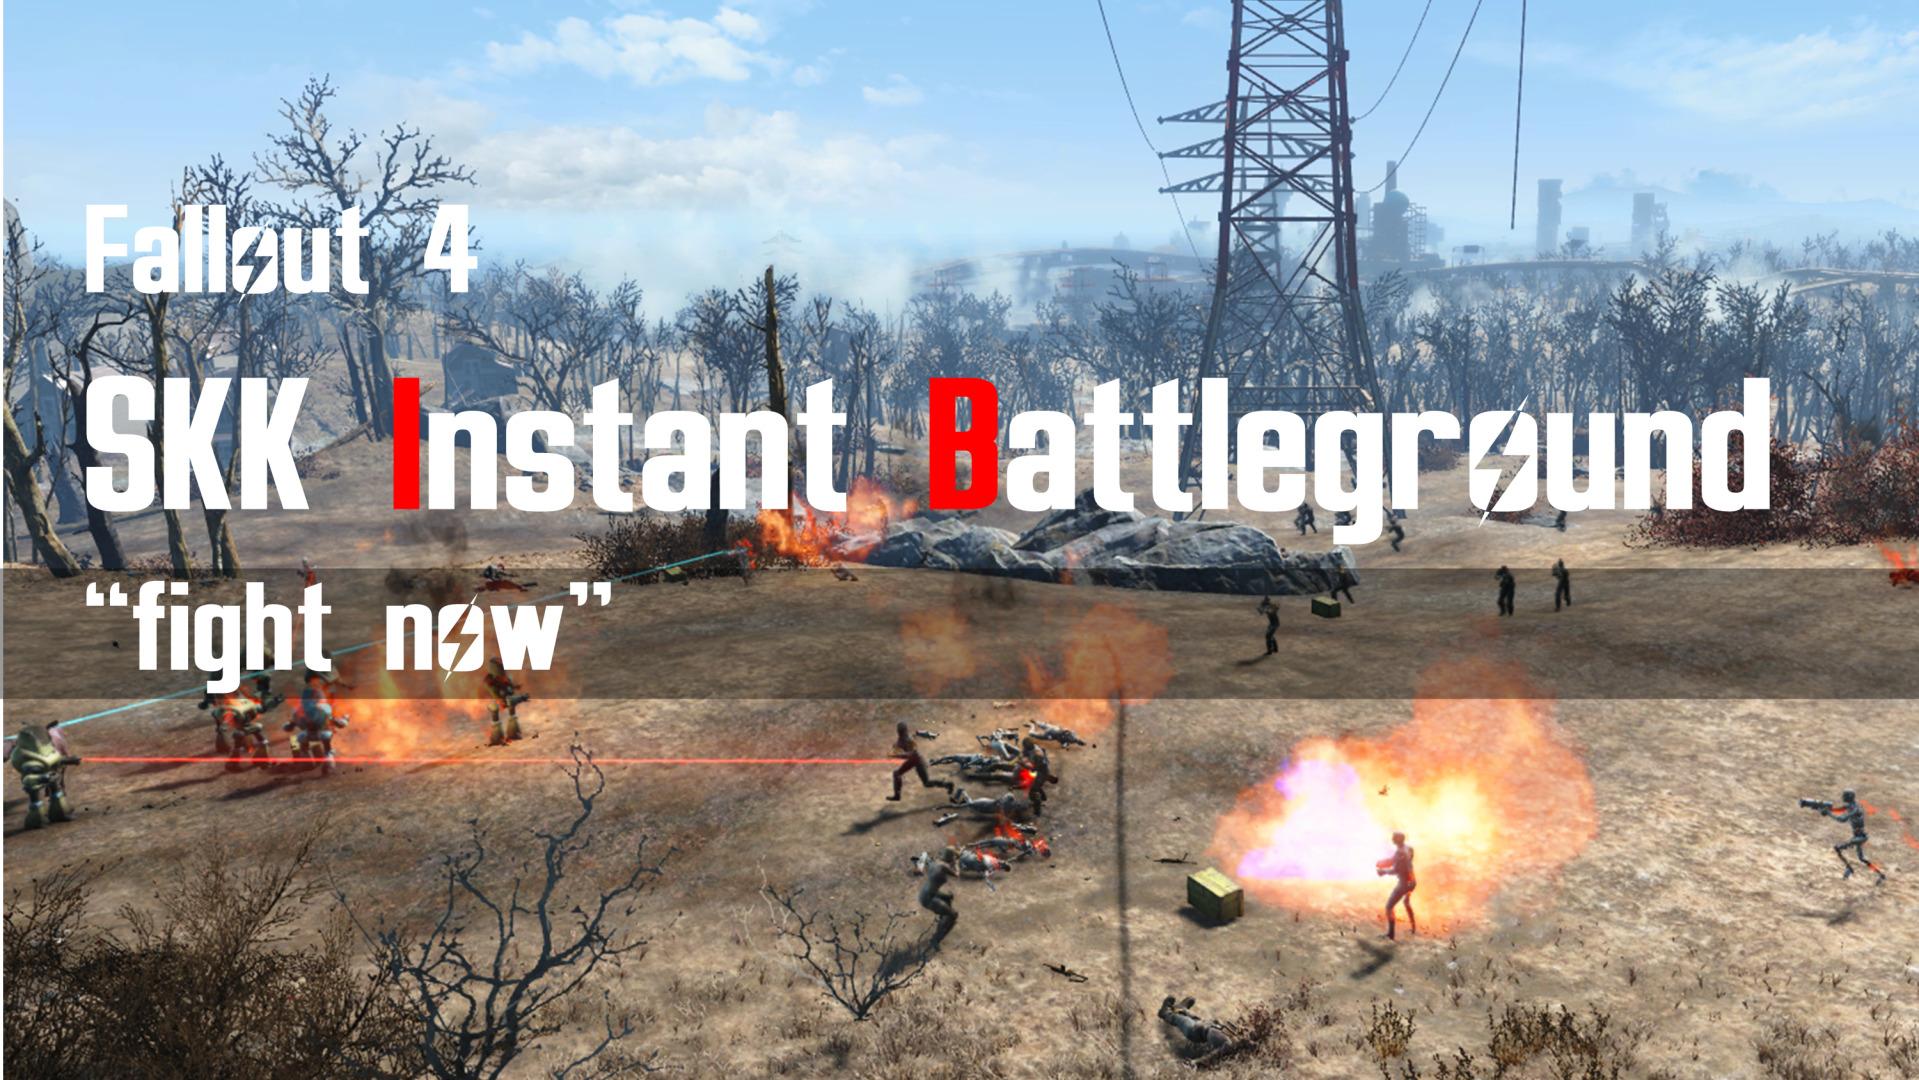 SKK Instant Battleground banner